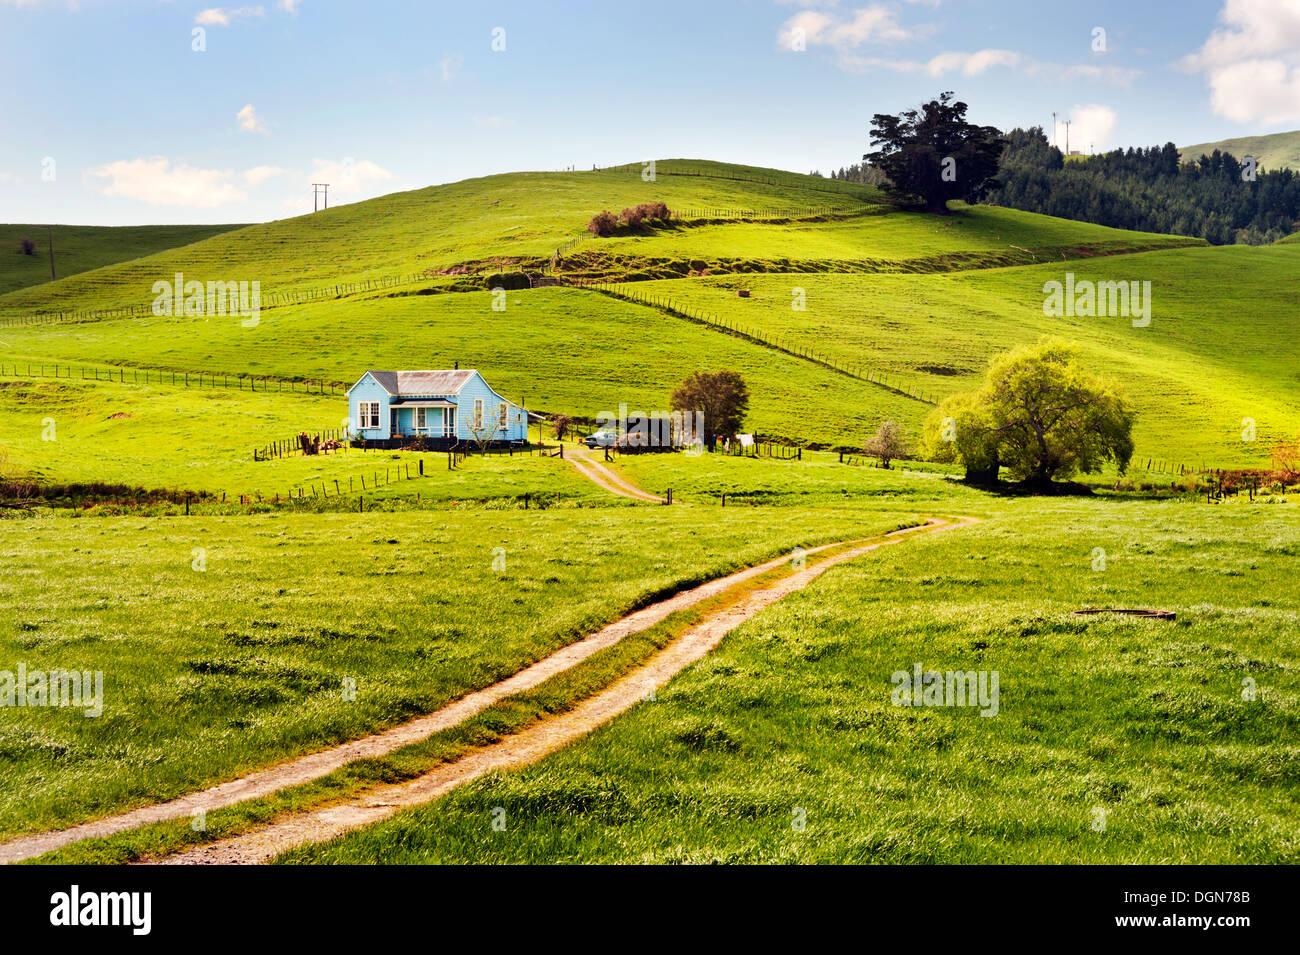 Petite maison en bois dans la campagne, près de la péninsule de Coromandel, Paeroa, Nouvelle-Zélande Photo Stock